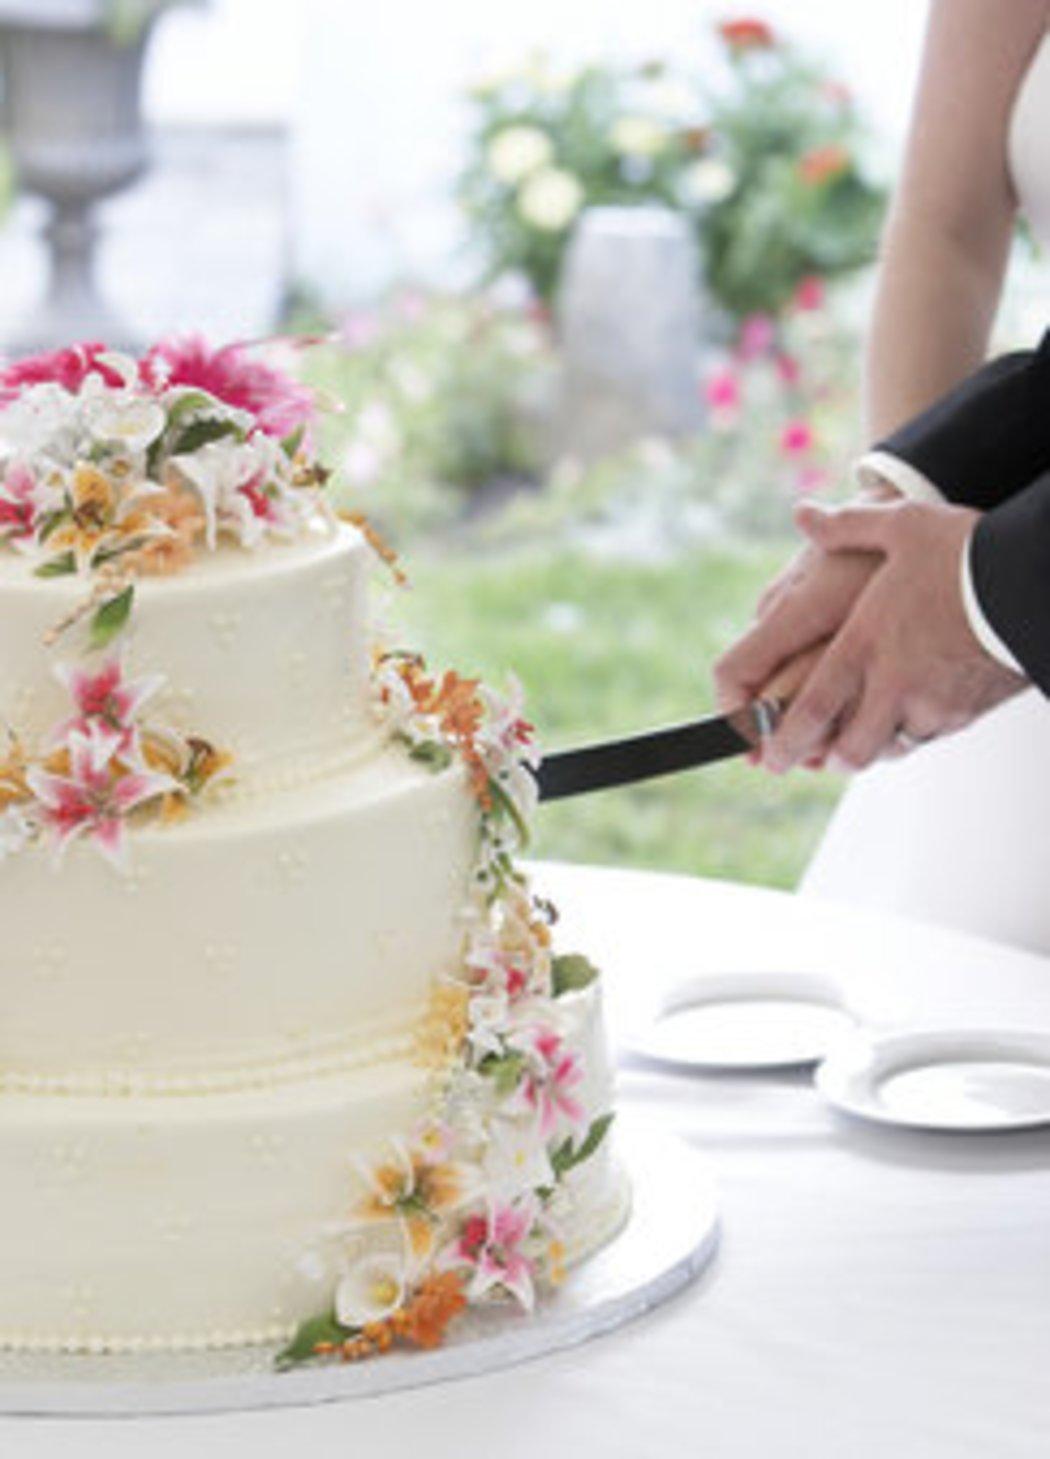 Hochzeitsbrauche Welche Gibt Es Desired De